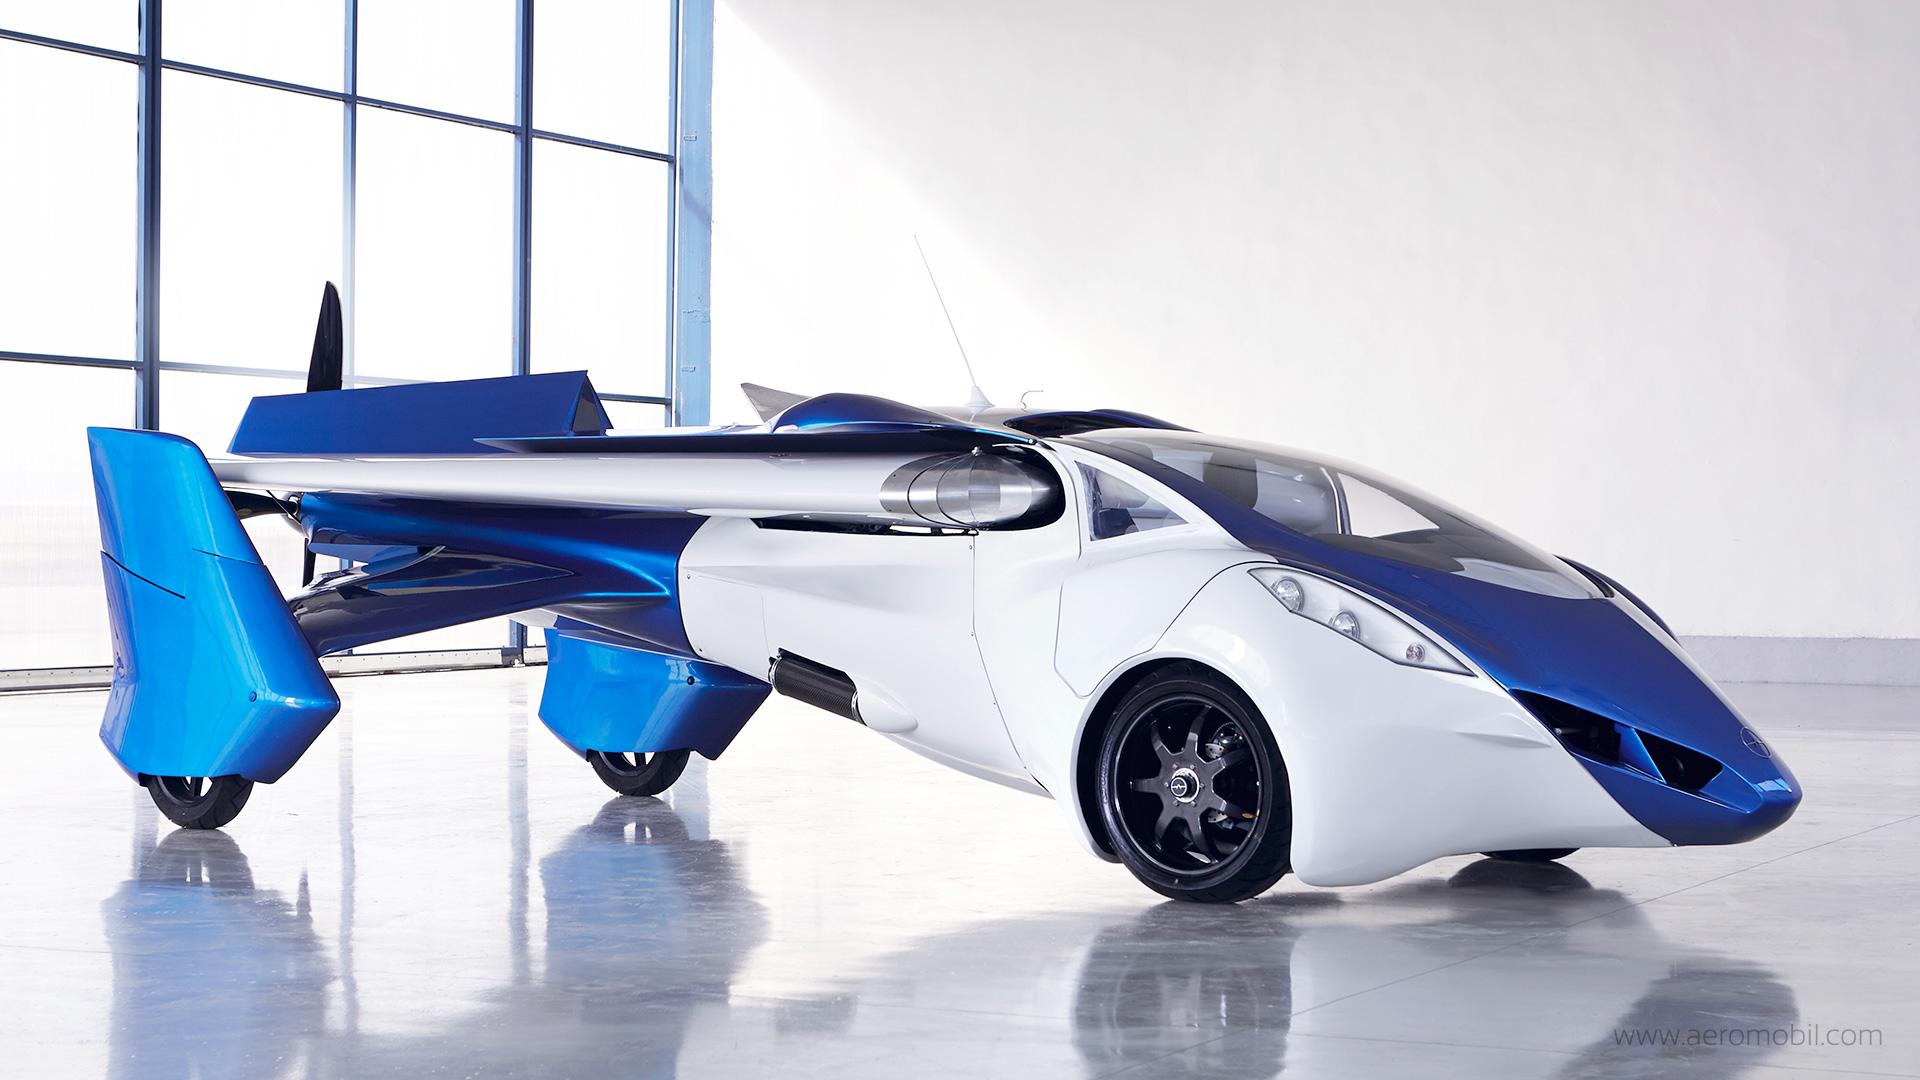 AeroMobil 飛天車預計 2017 年正式「起飛」